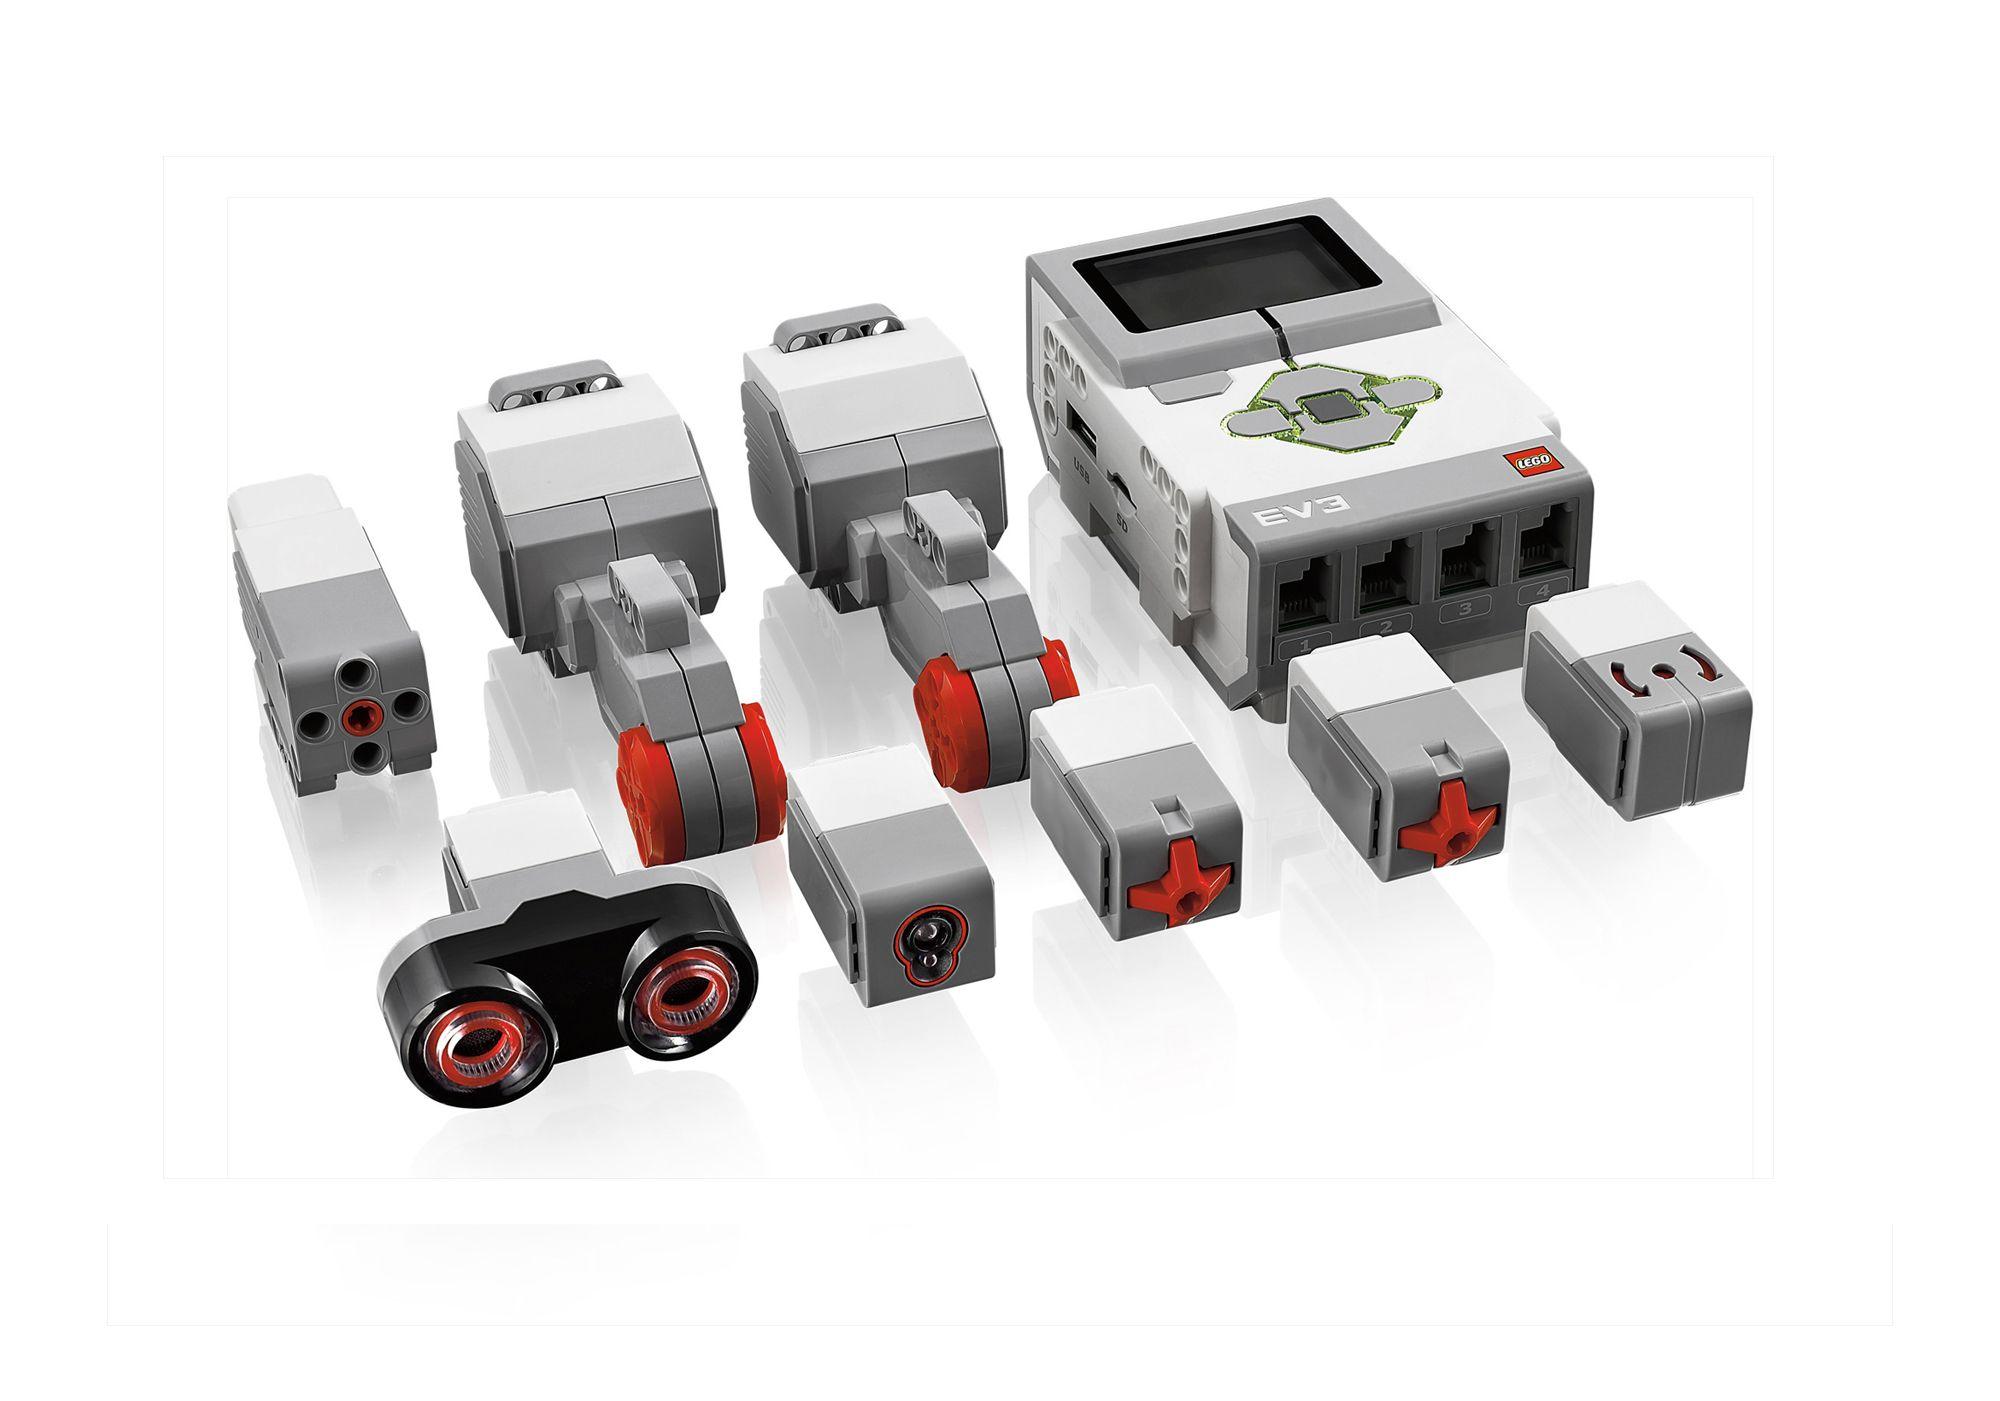 Запасные части и комплектующие для робототехники Lego купить в России